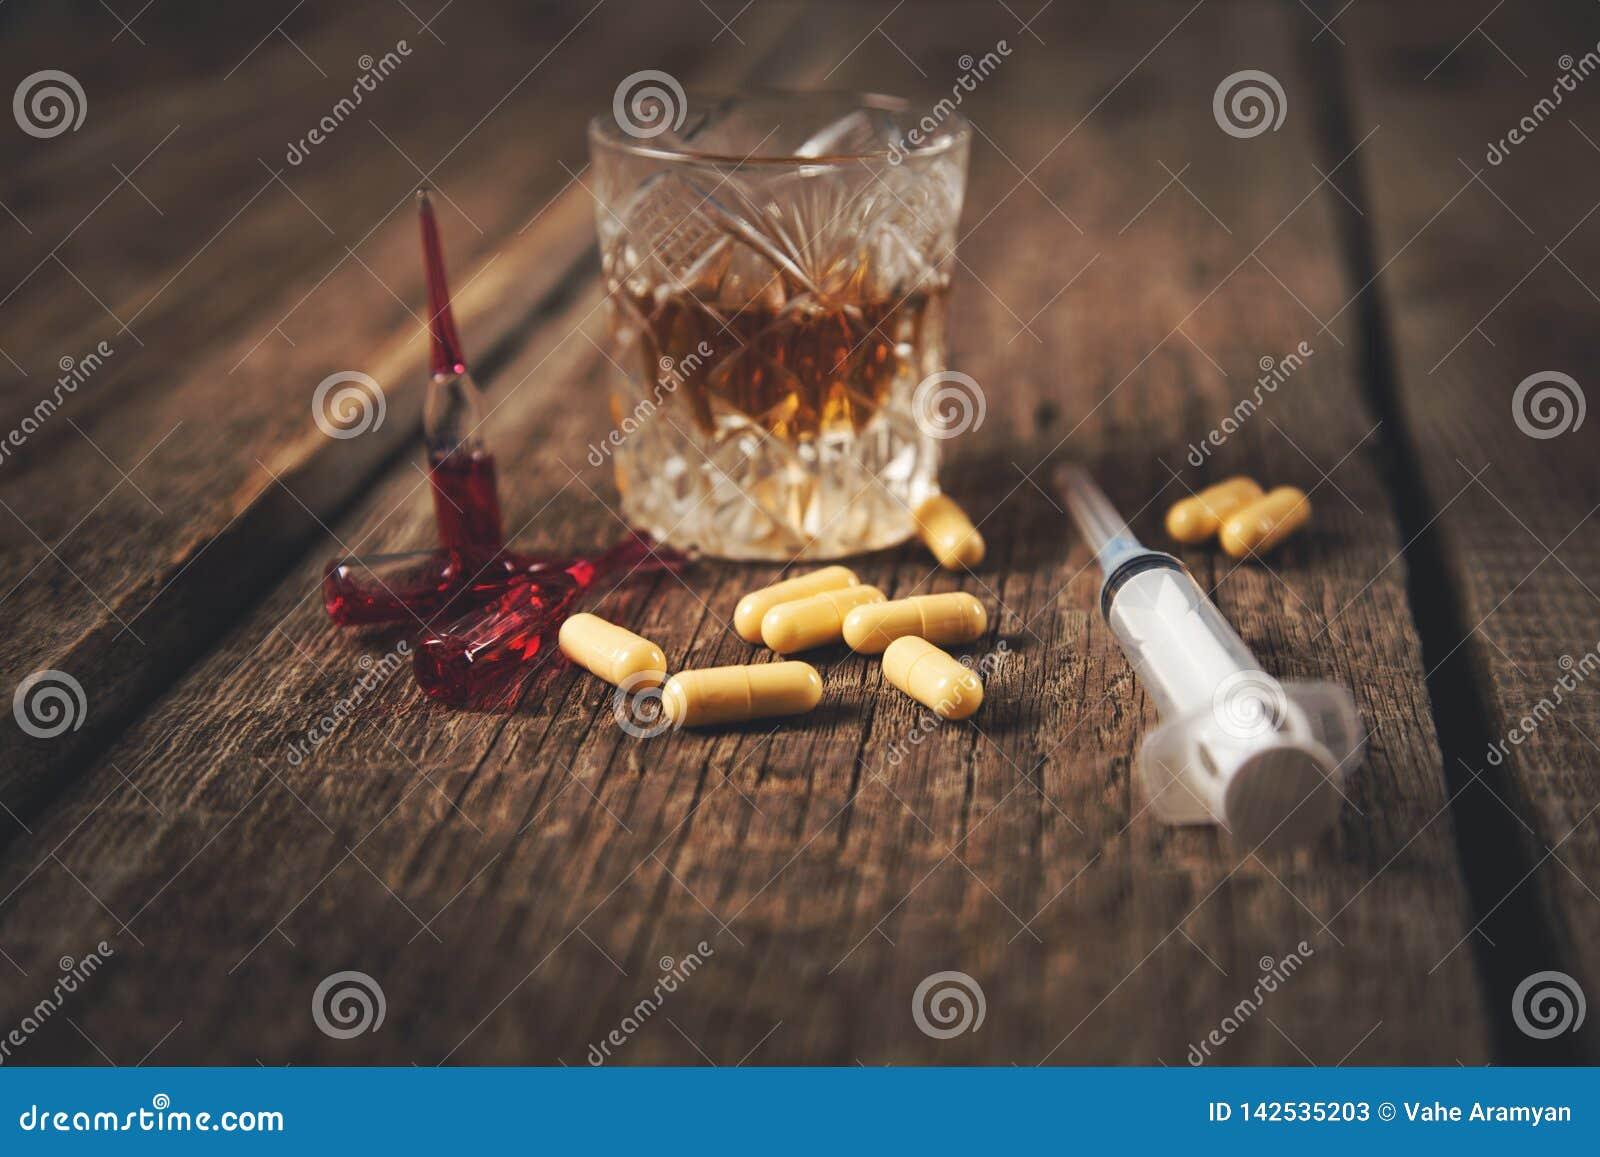 Лекарство со шприцем и вискиом